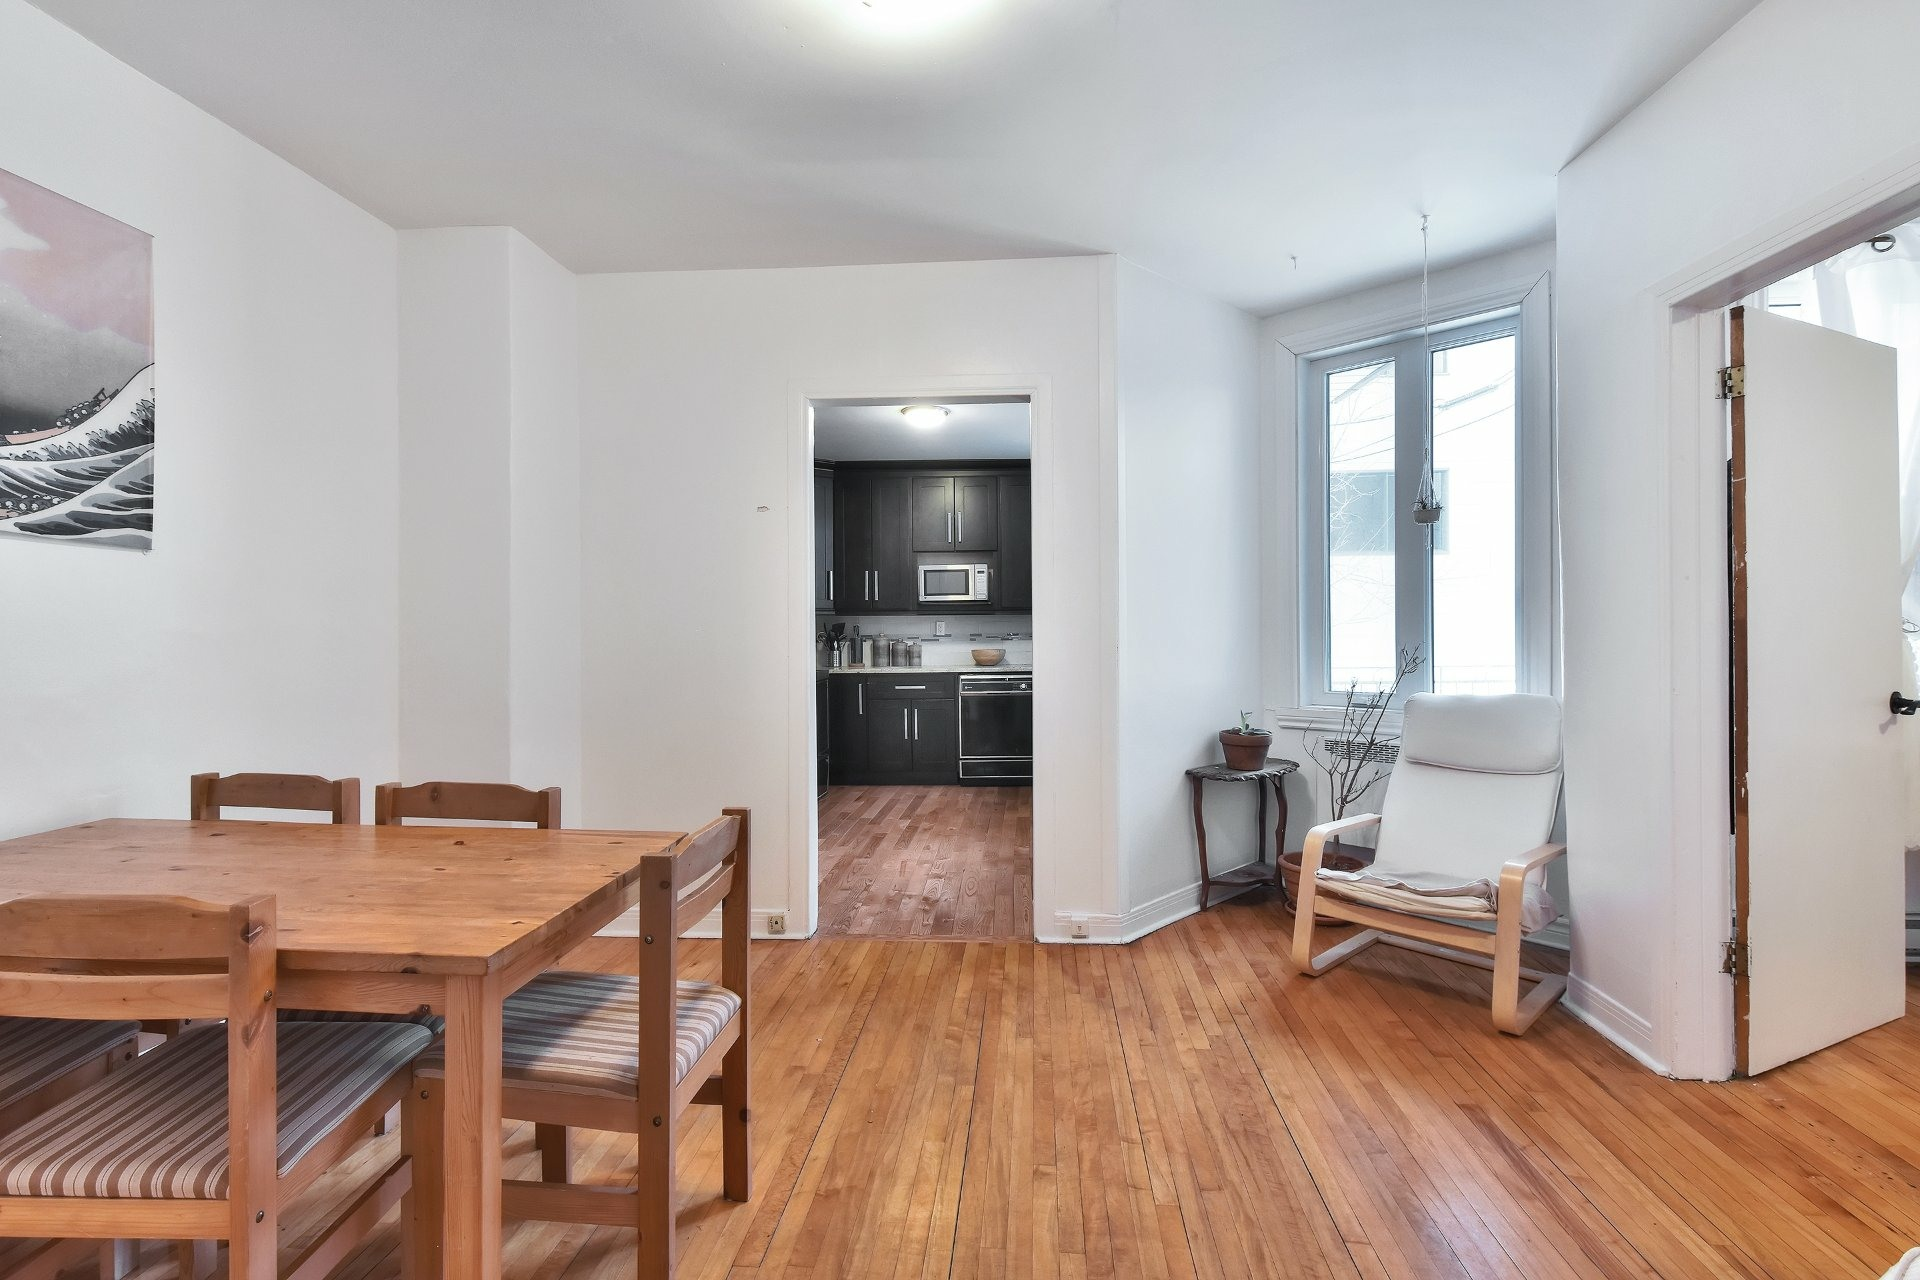 image 11 - Apartment For sale Côte-des-Neiges/Notre-Dame-de-Grâce Montréal  - 7 rooms